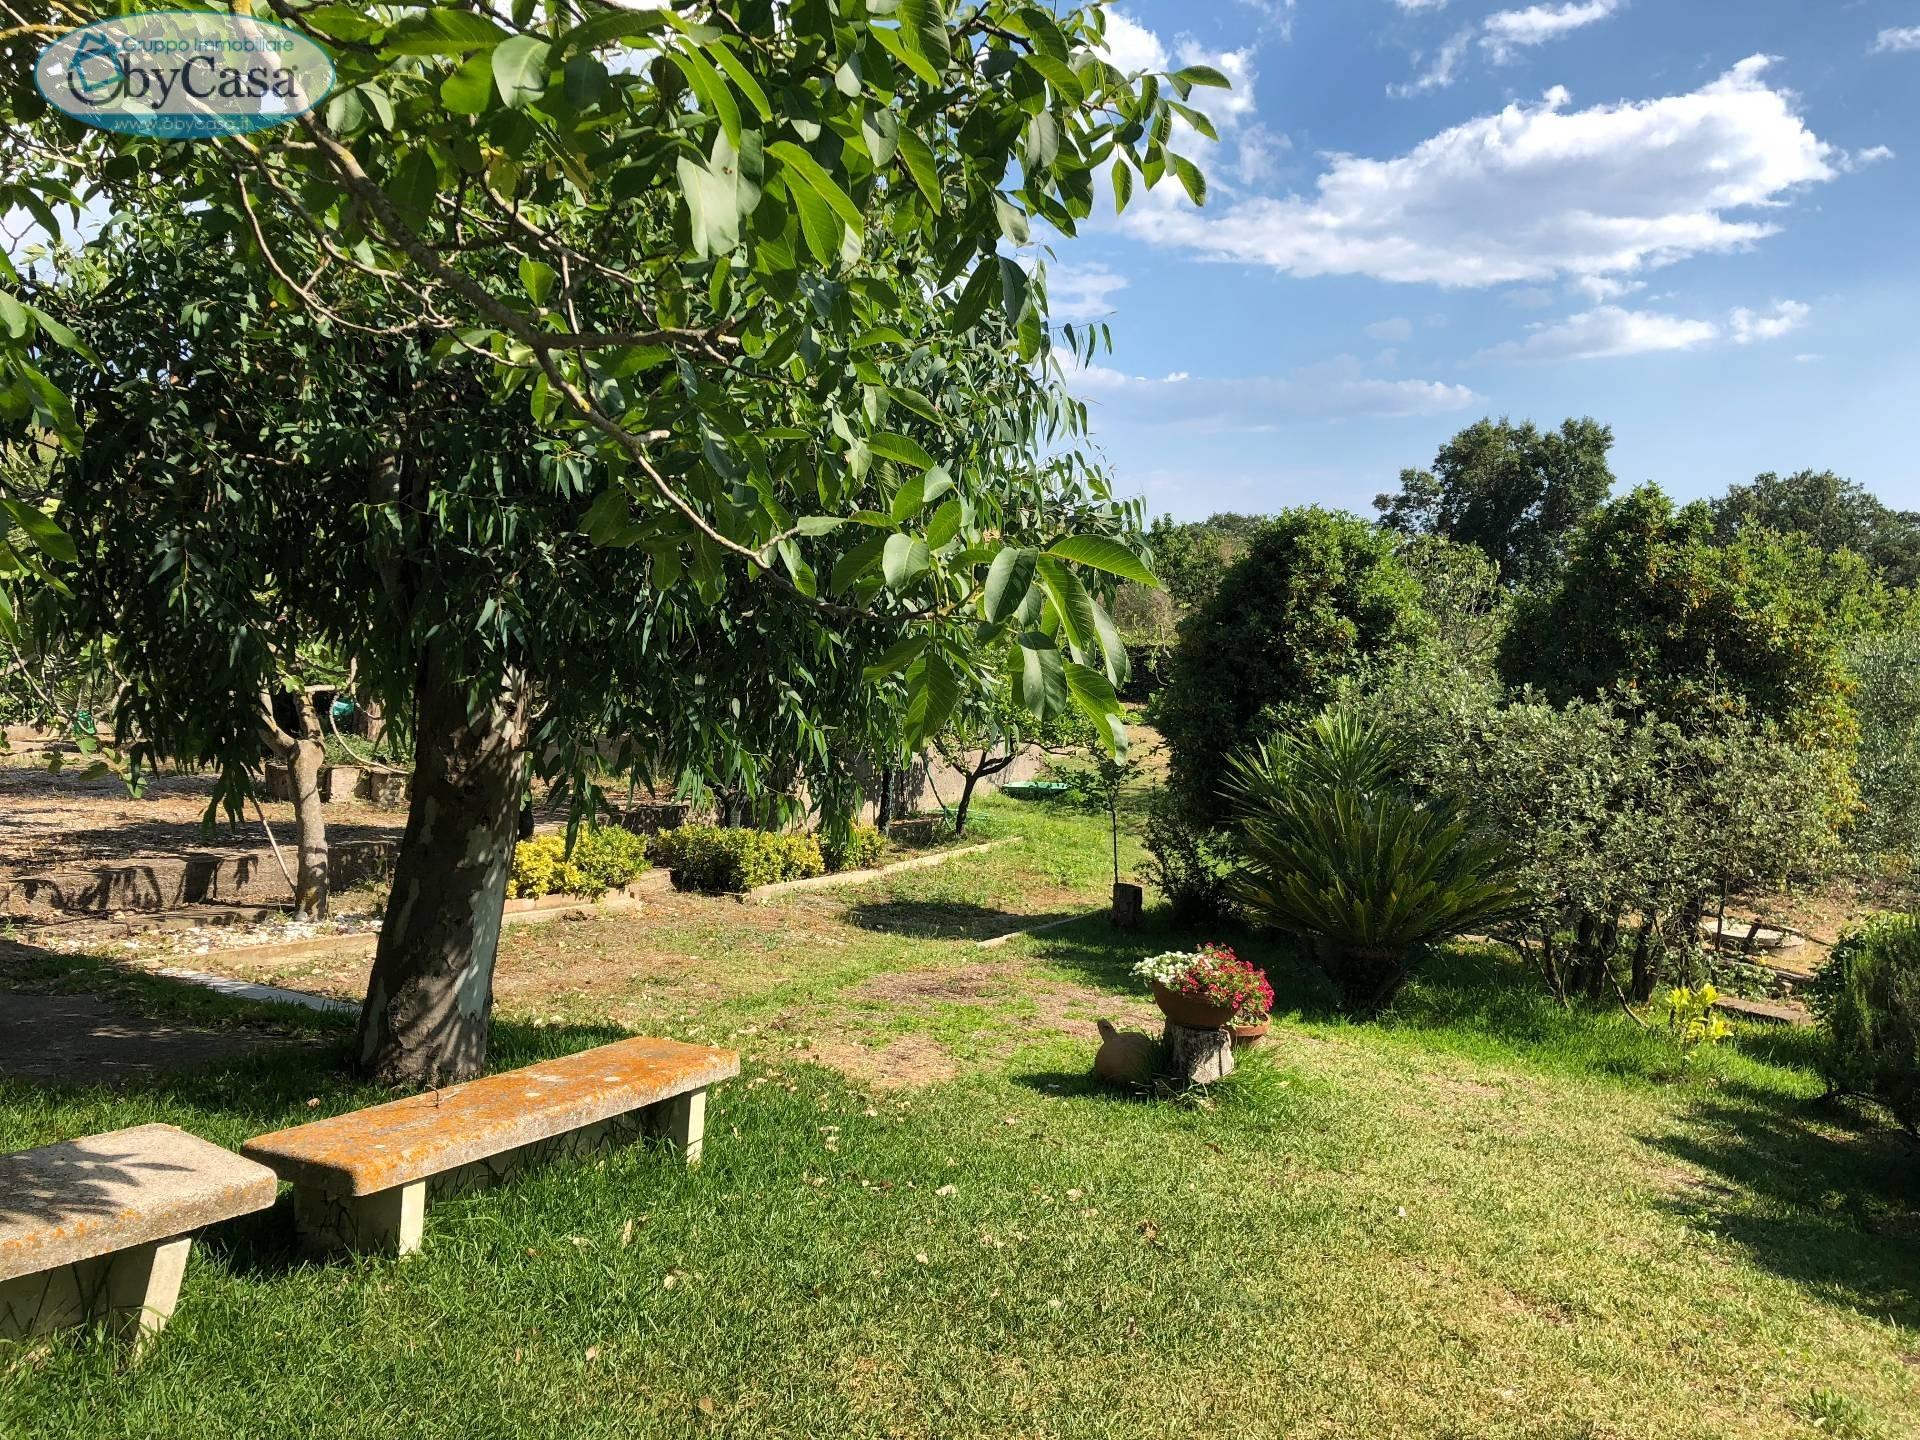 Terreno Agricolo in vendita a Santa Marinella, 9999 locali, zona Località: Castelsecco, prezzo € 49.000 | CambioCasa.it